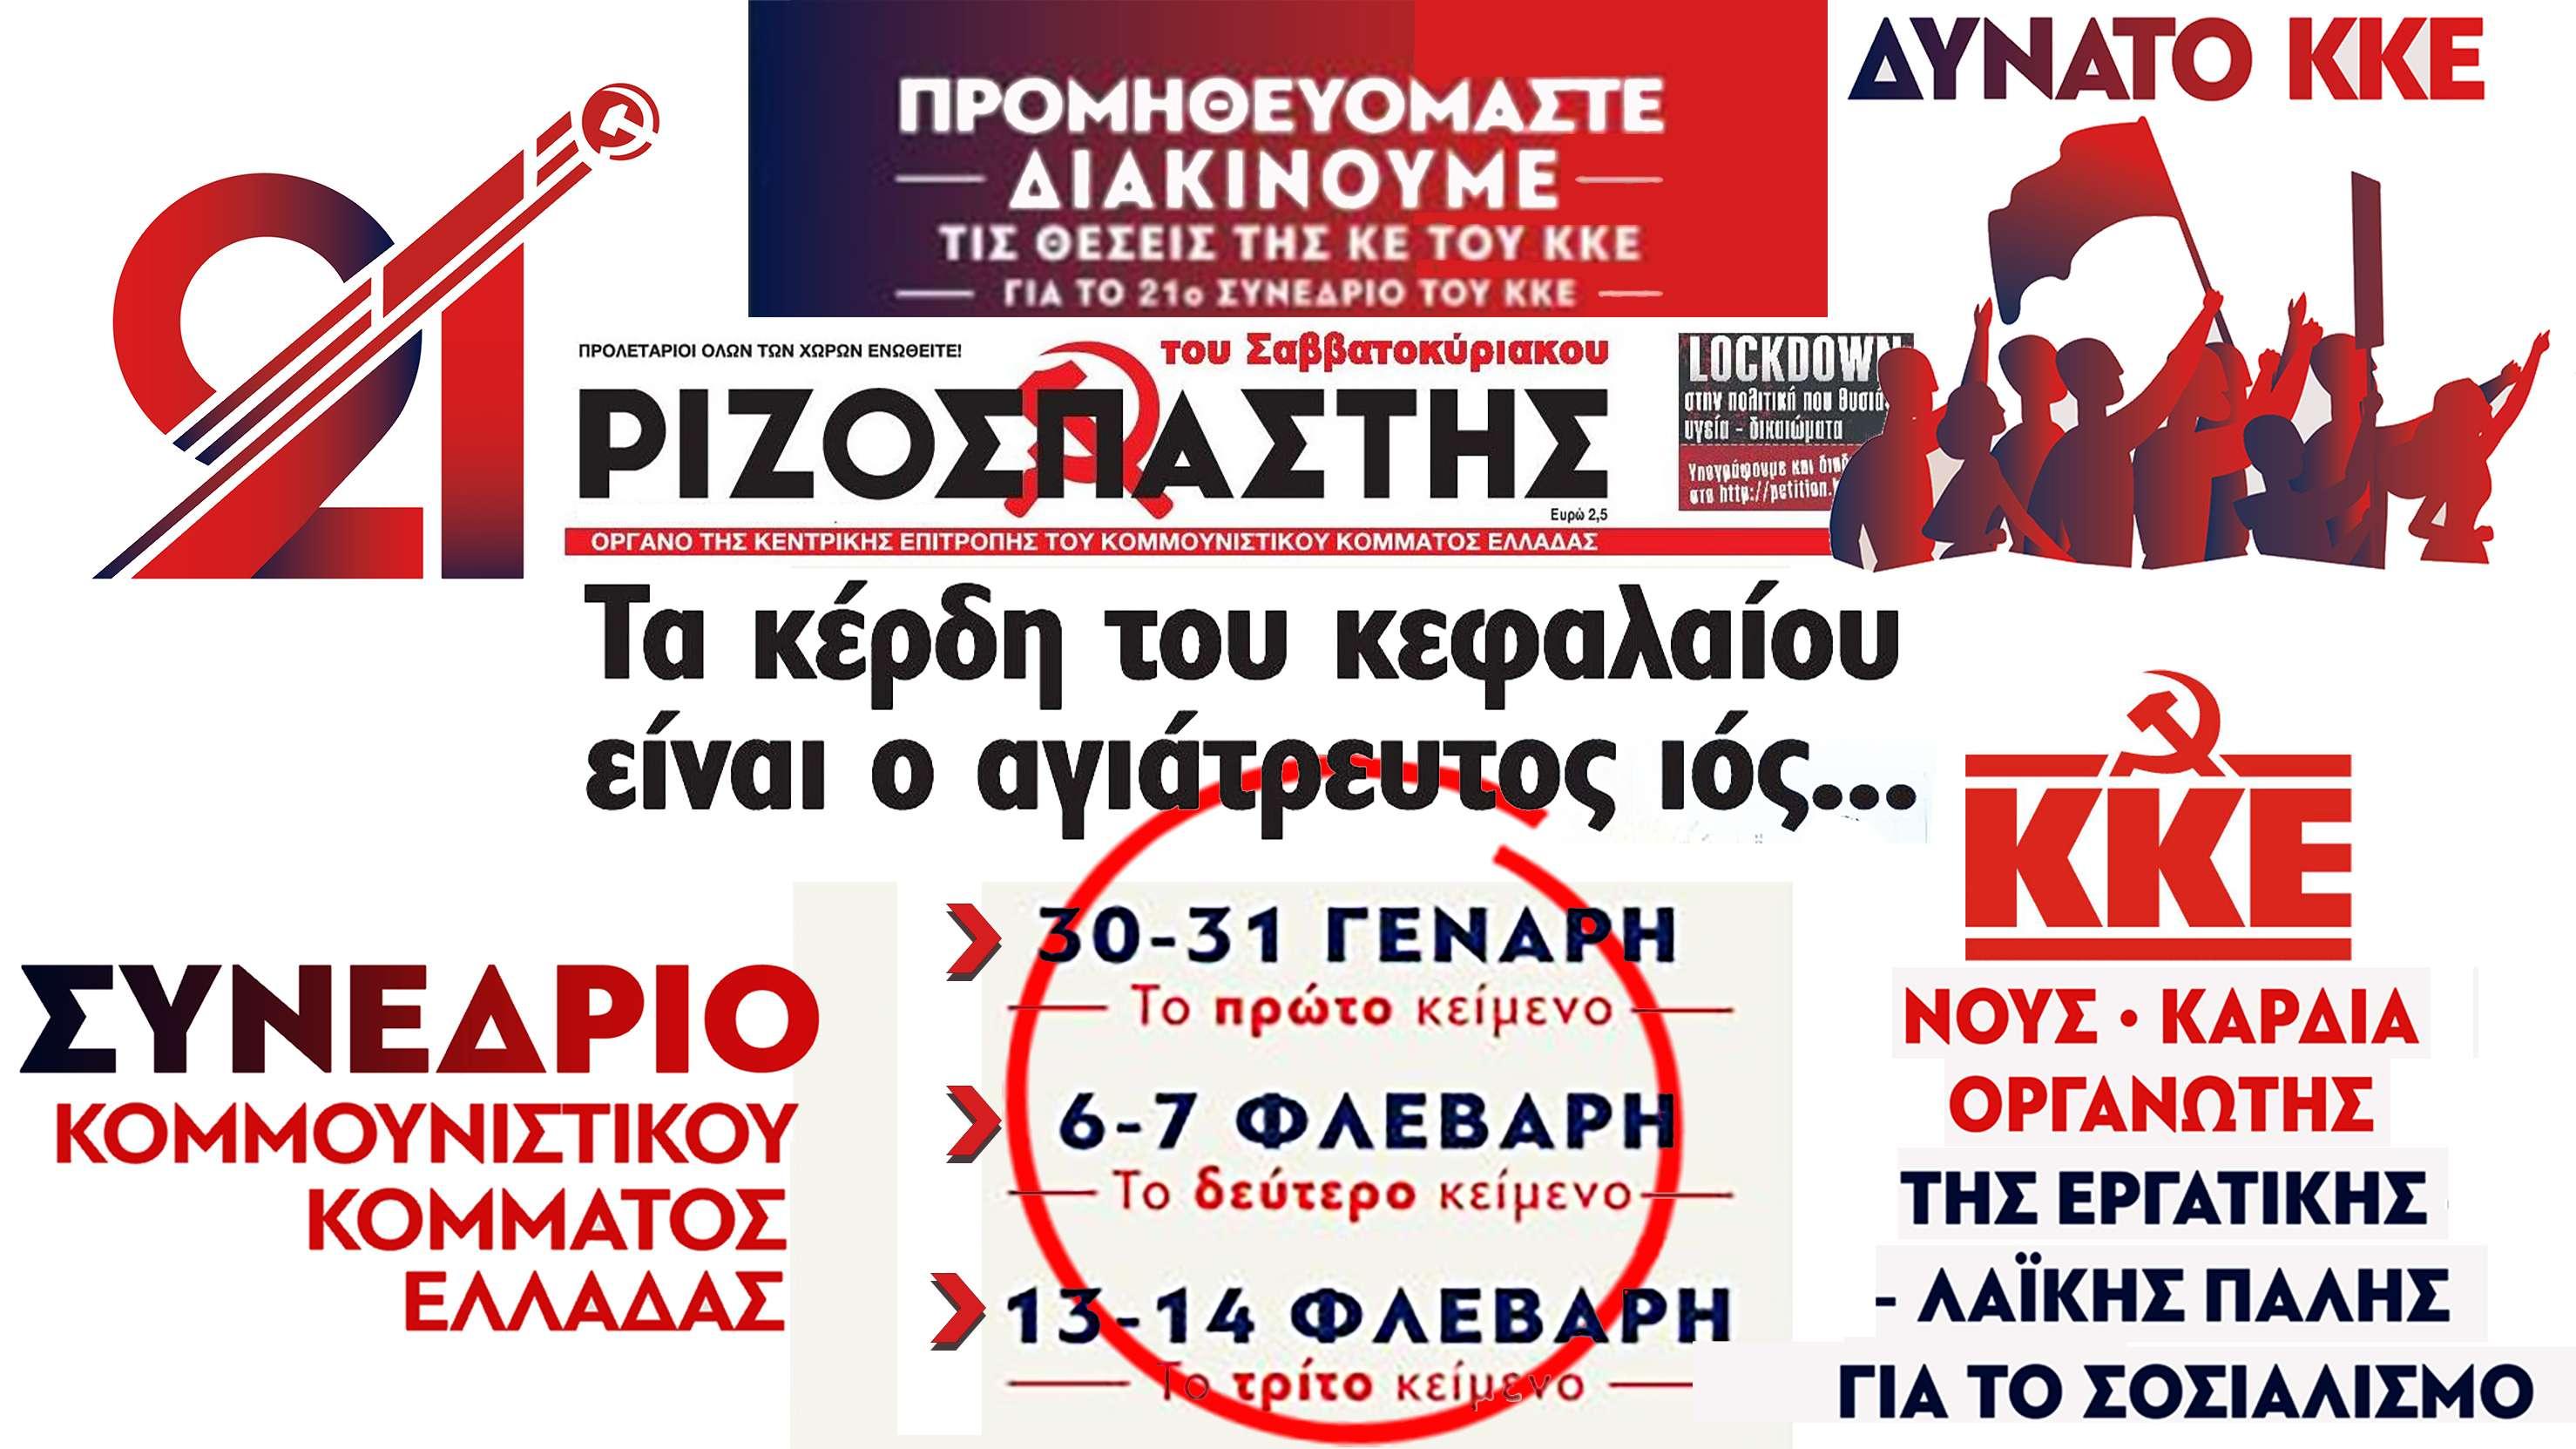 21ο Συνέδριο ΚΚΕ 21 synedrio KKE poster Ριζοσπάστης Rizospastis